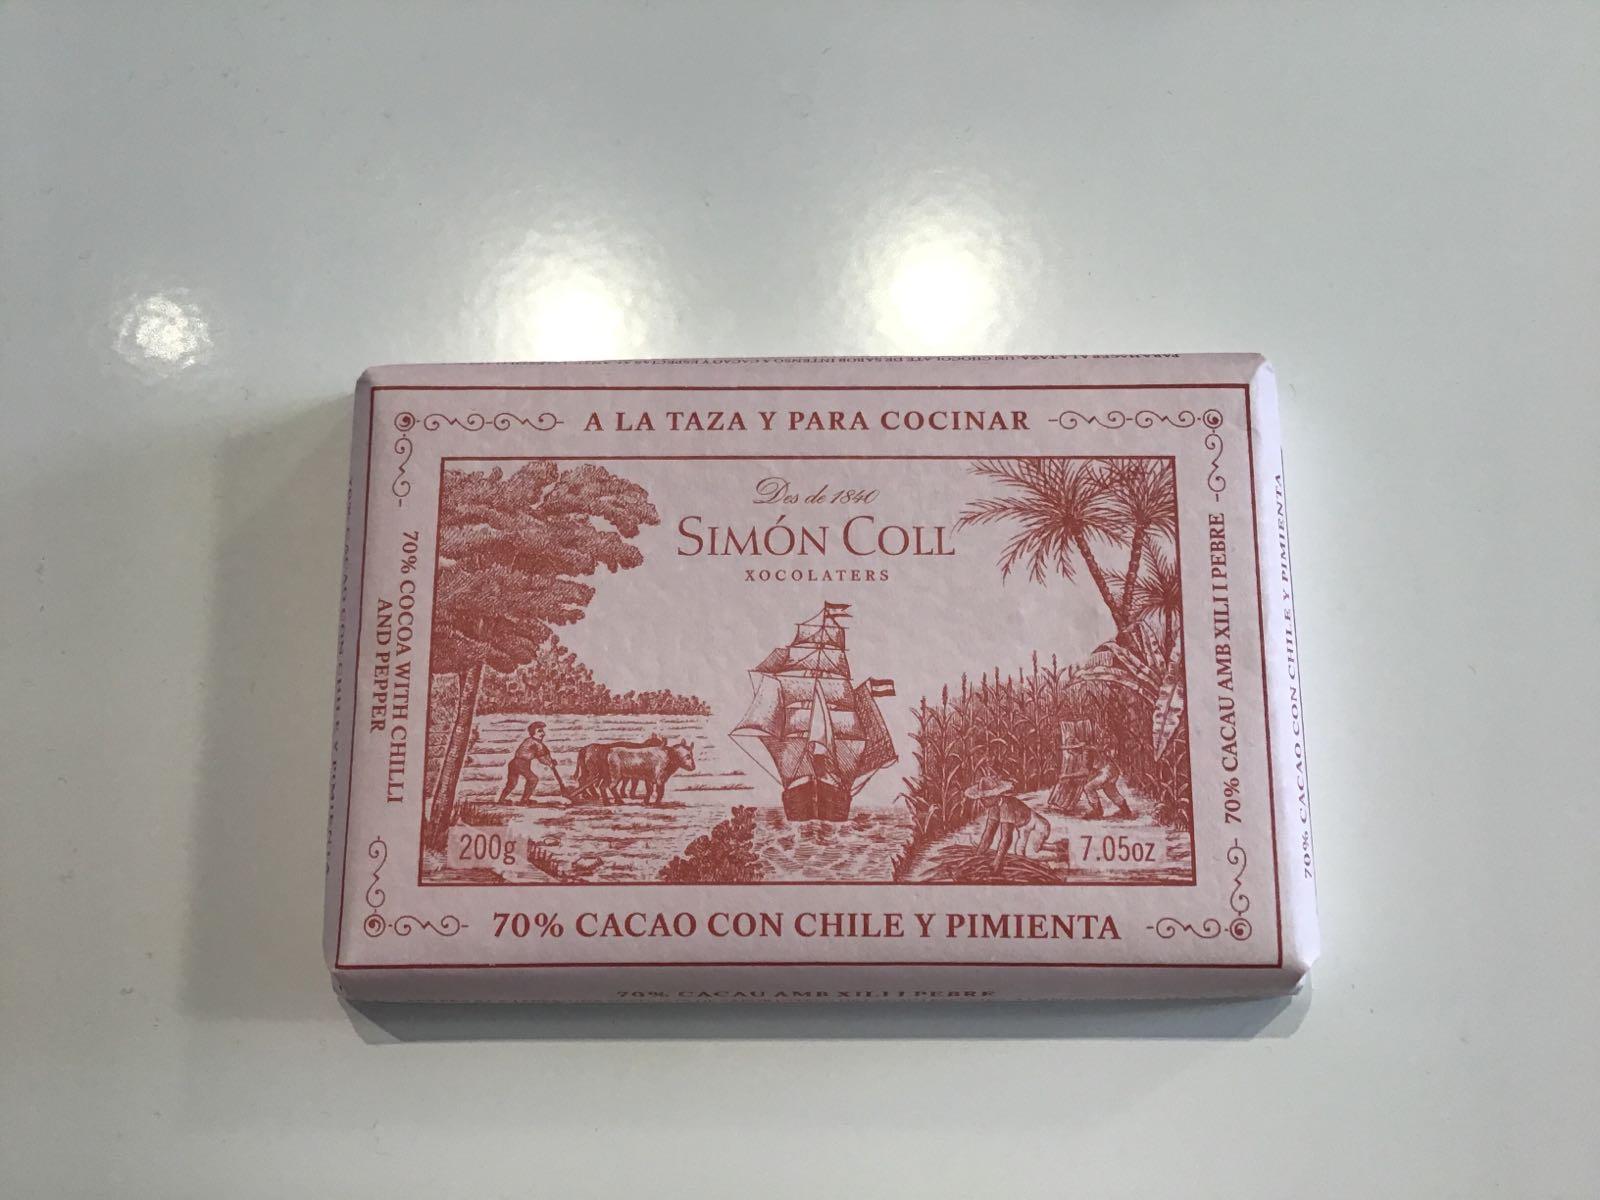 SIMON COLL chili